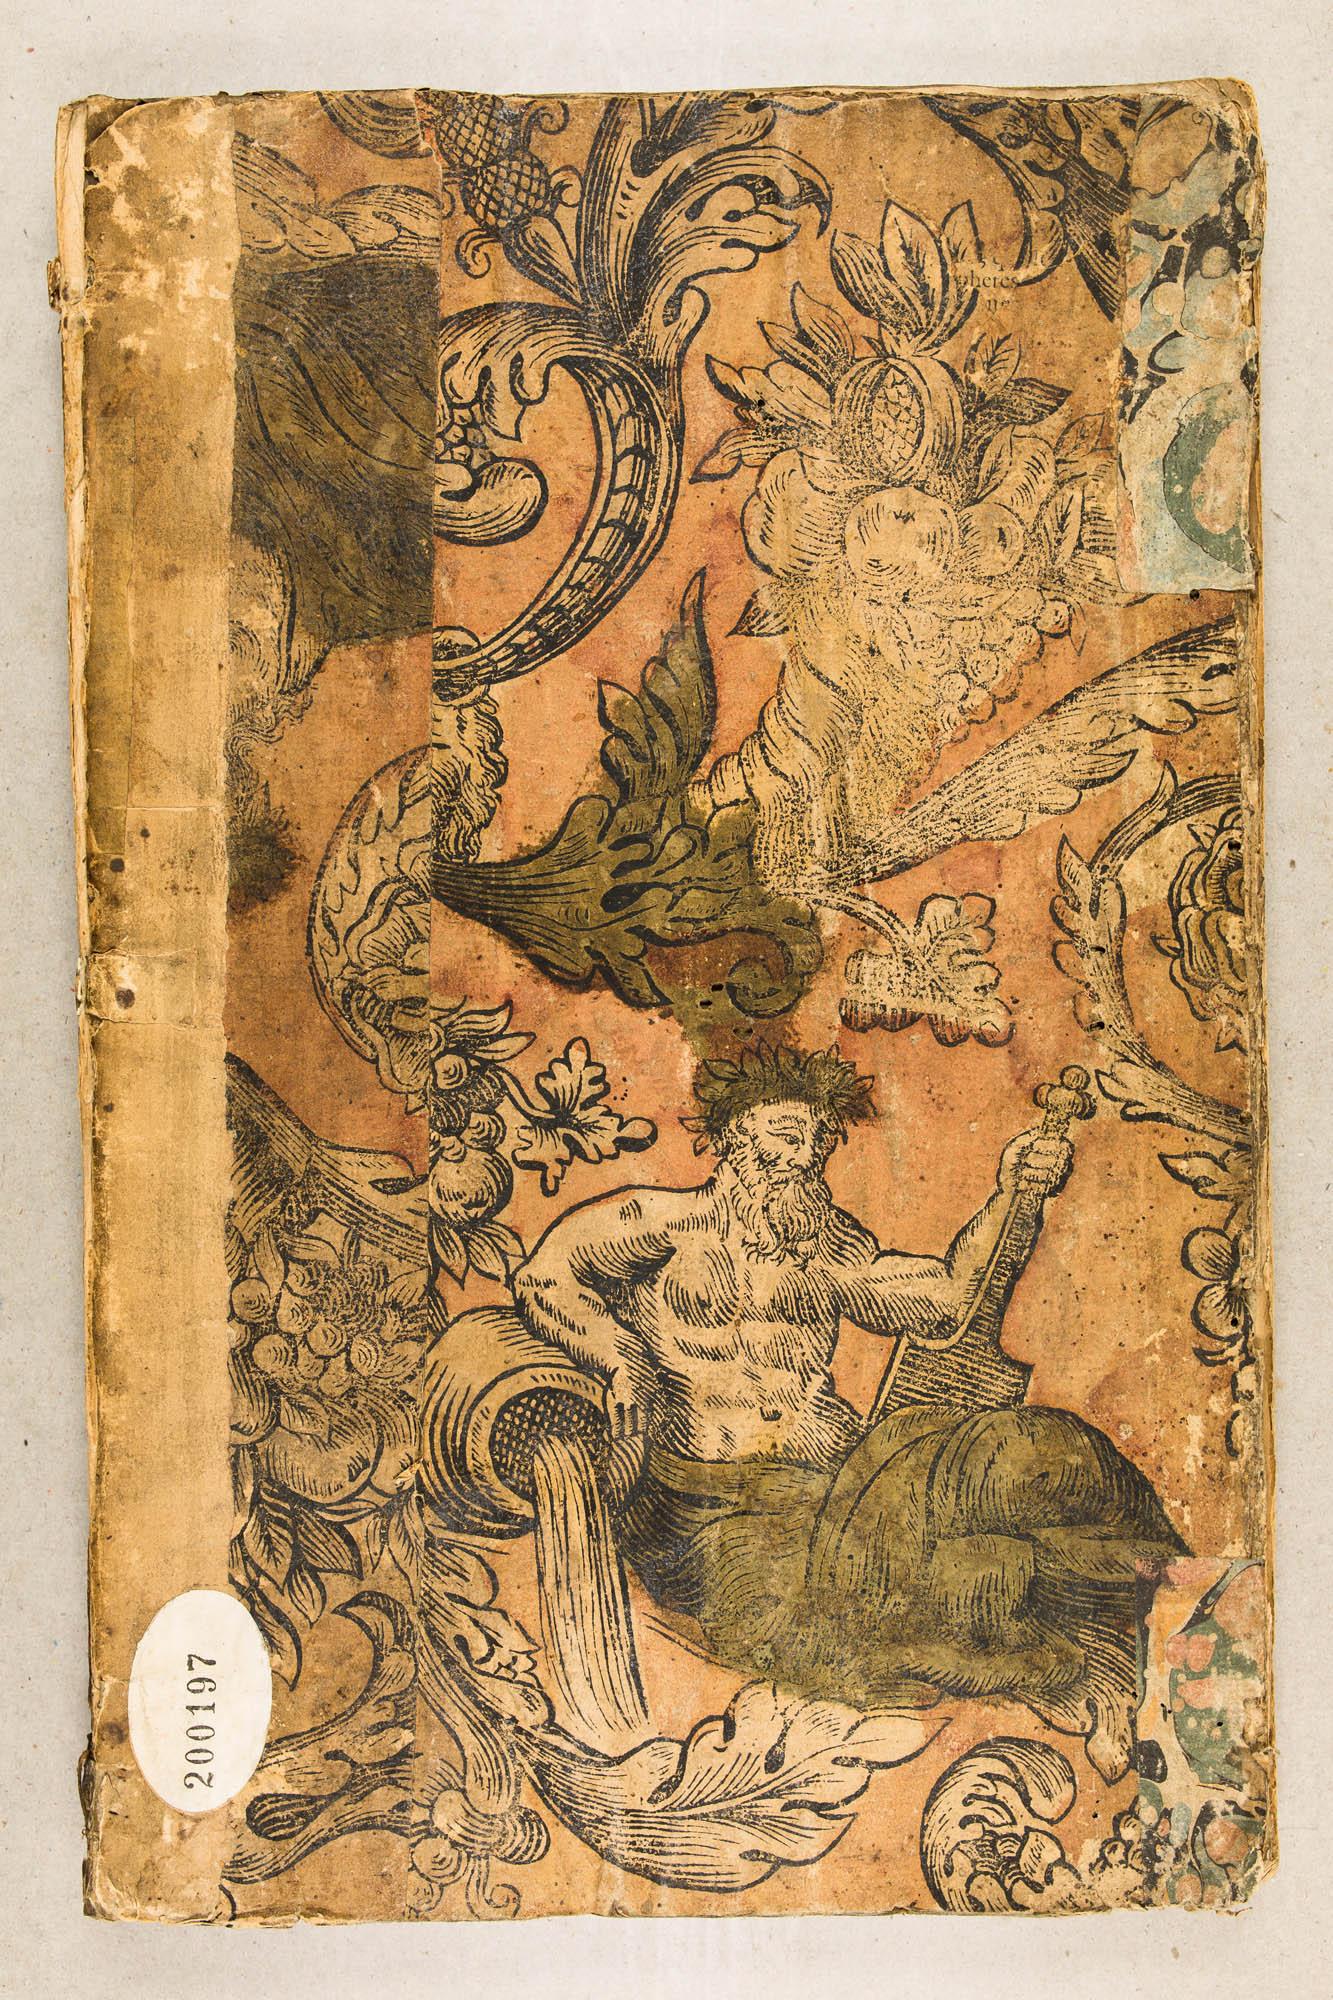 Fragment de papier peint. Cornes d'abondance et allégorie de fleuve. XVIIe ou début XVIIIe s.